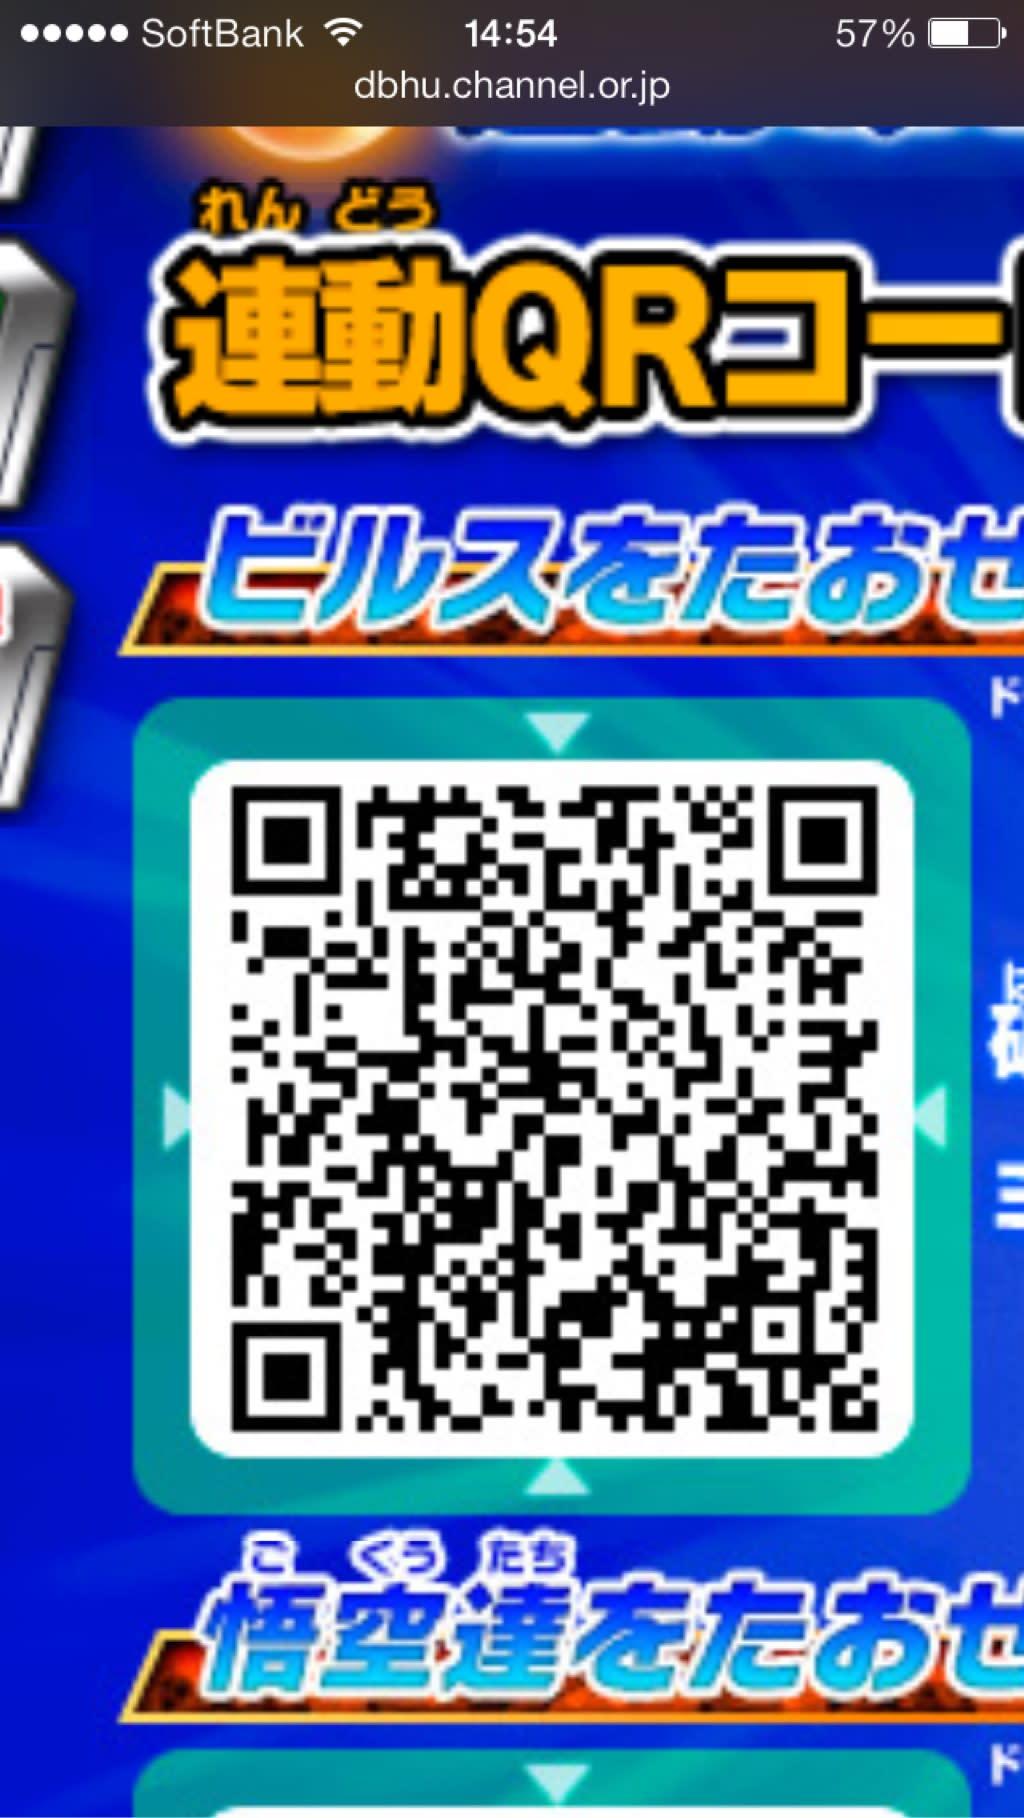 デッキ 最強 ドラゴンボール アルティメット ヒーローズ ミッション x